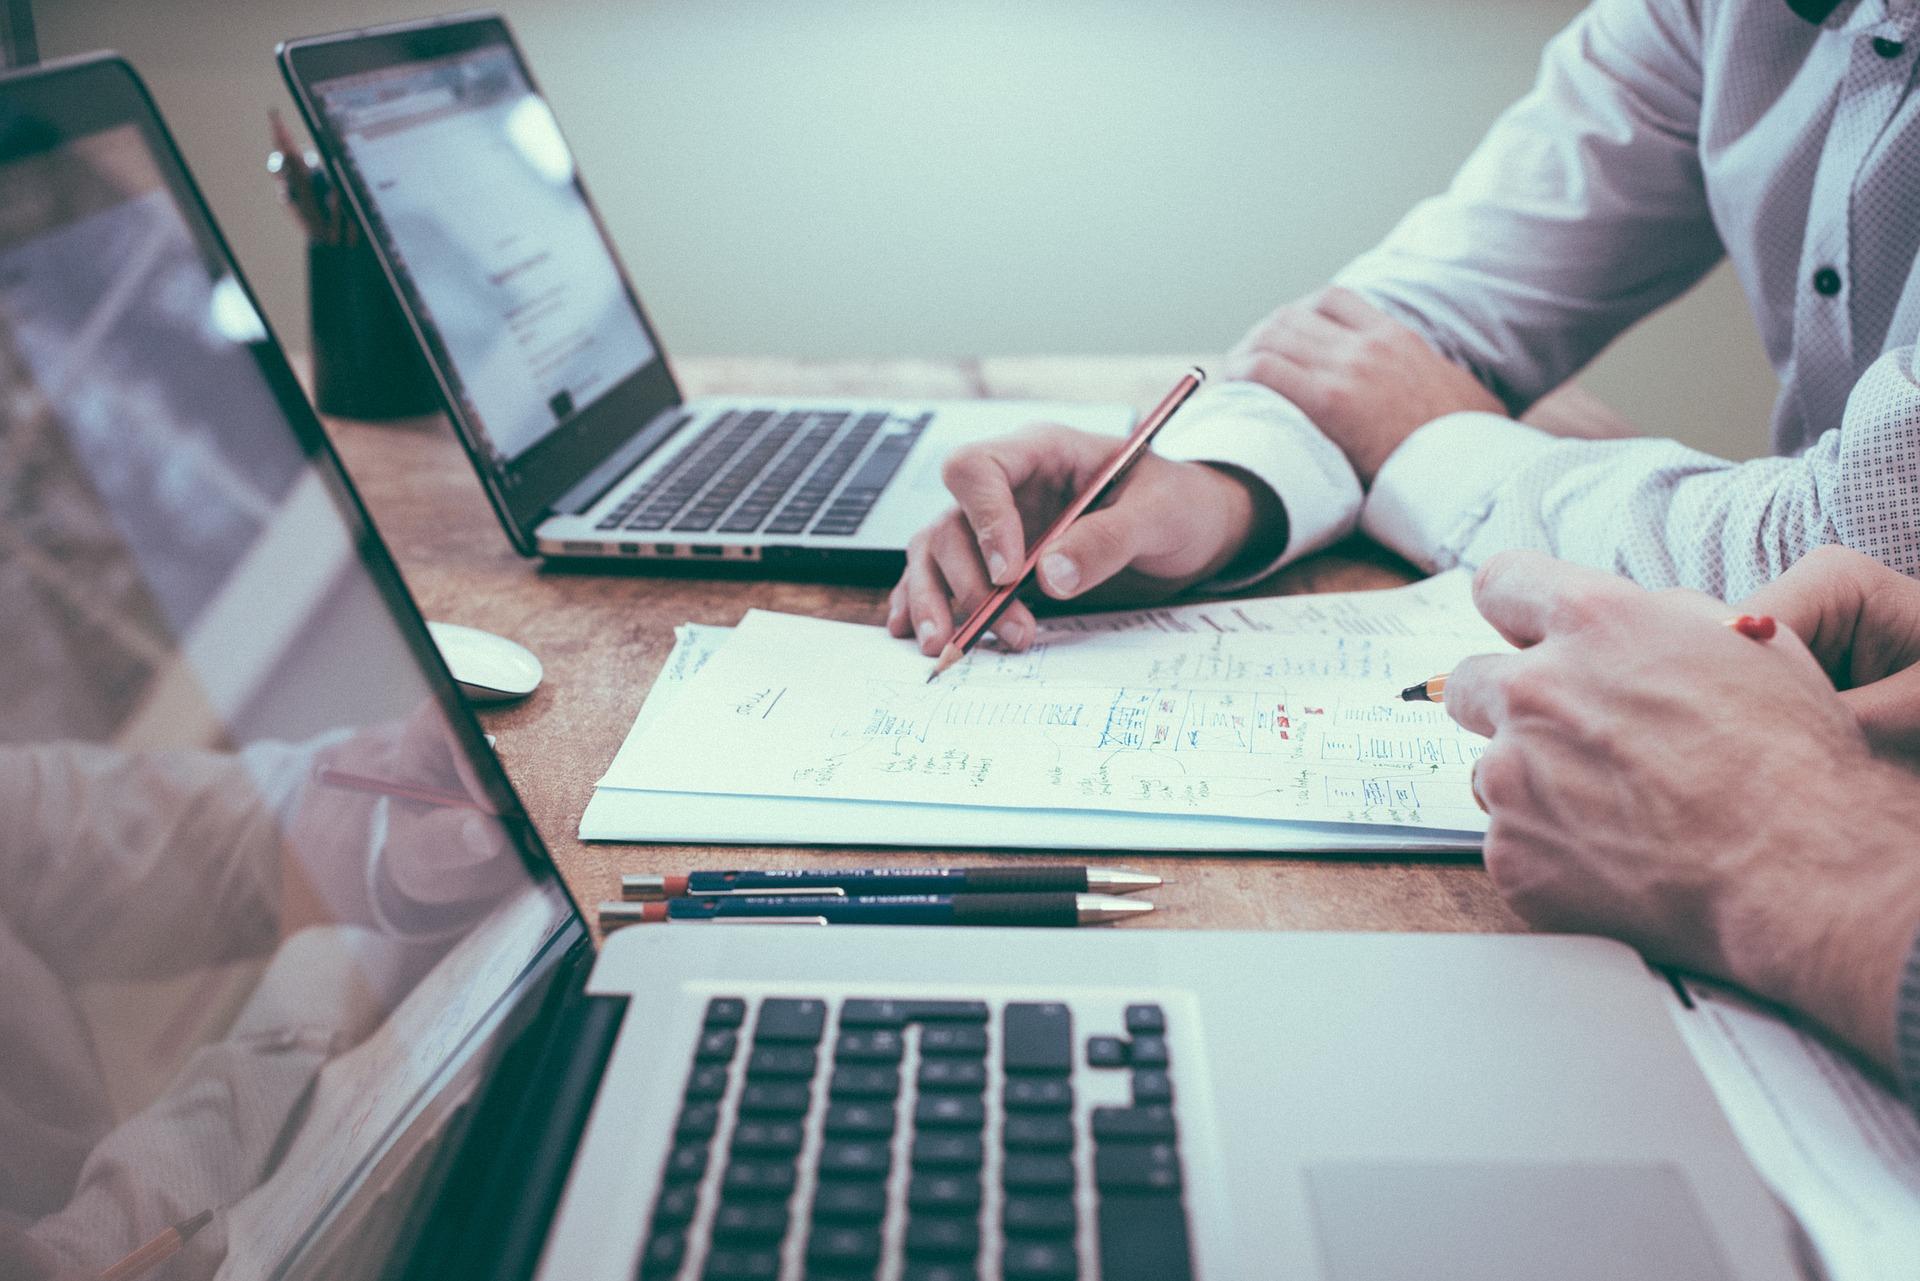 Programa de Compliance — Como Implementar em Sua Empresa?